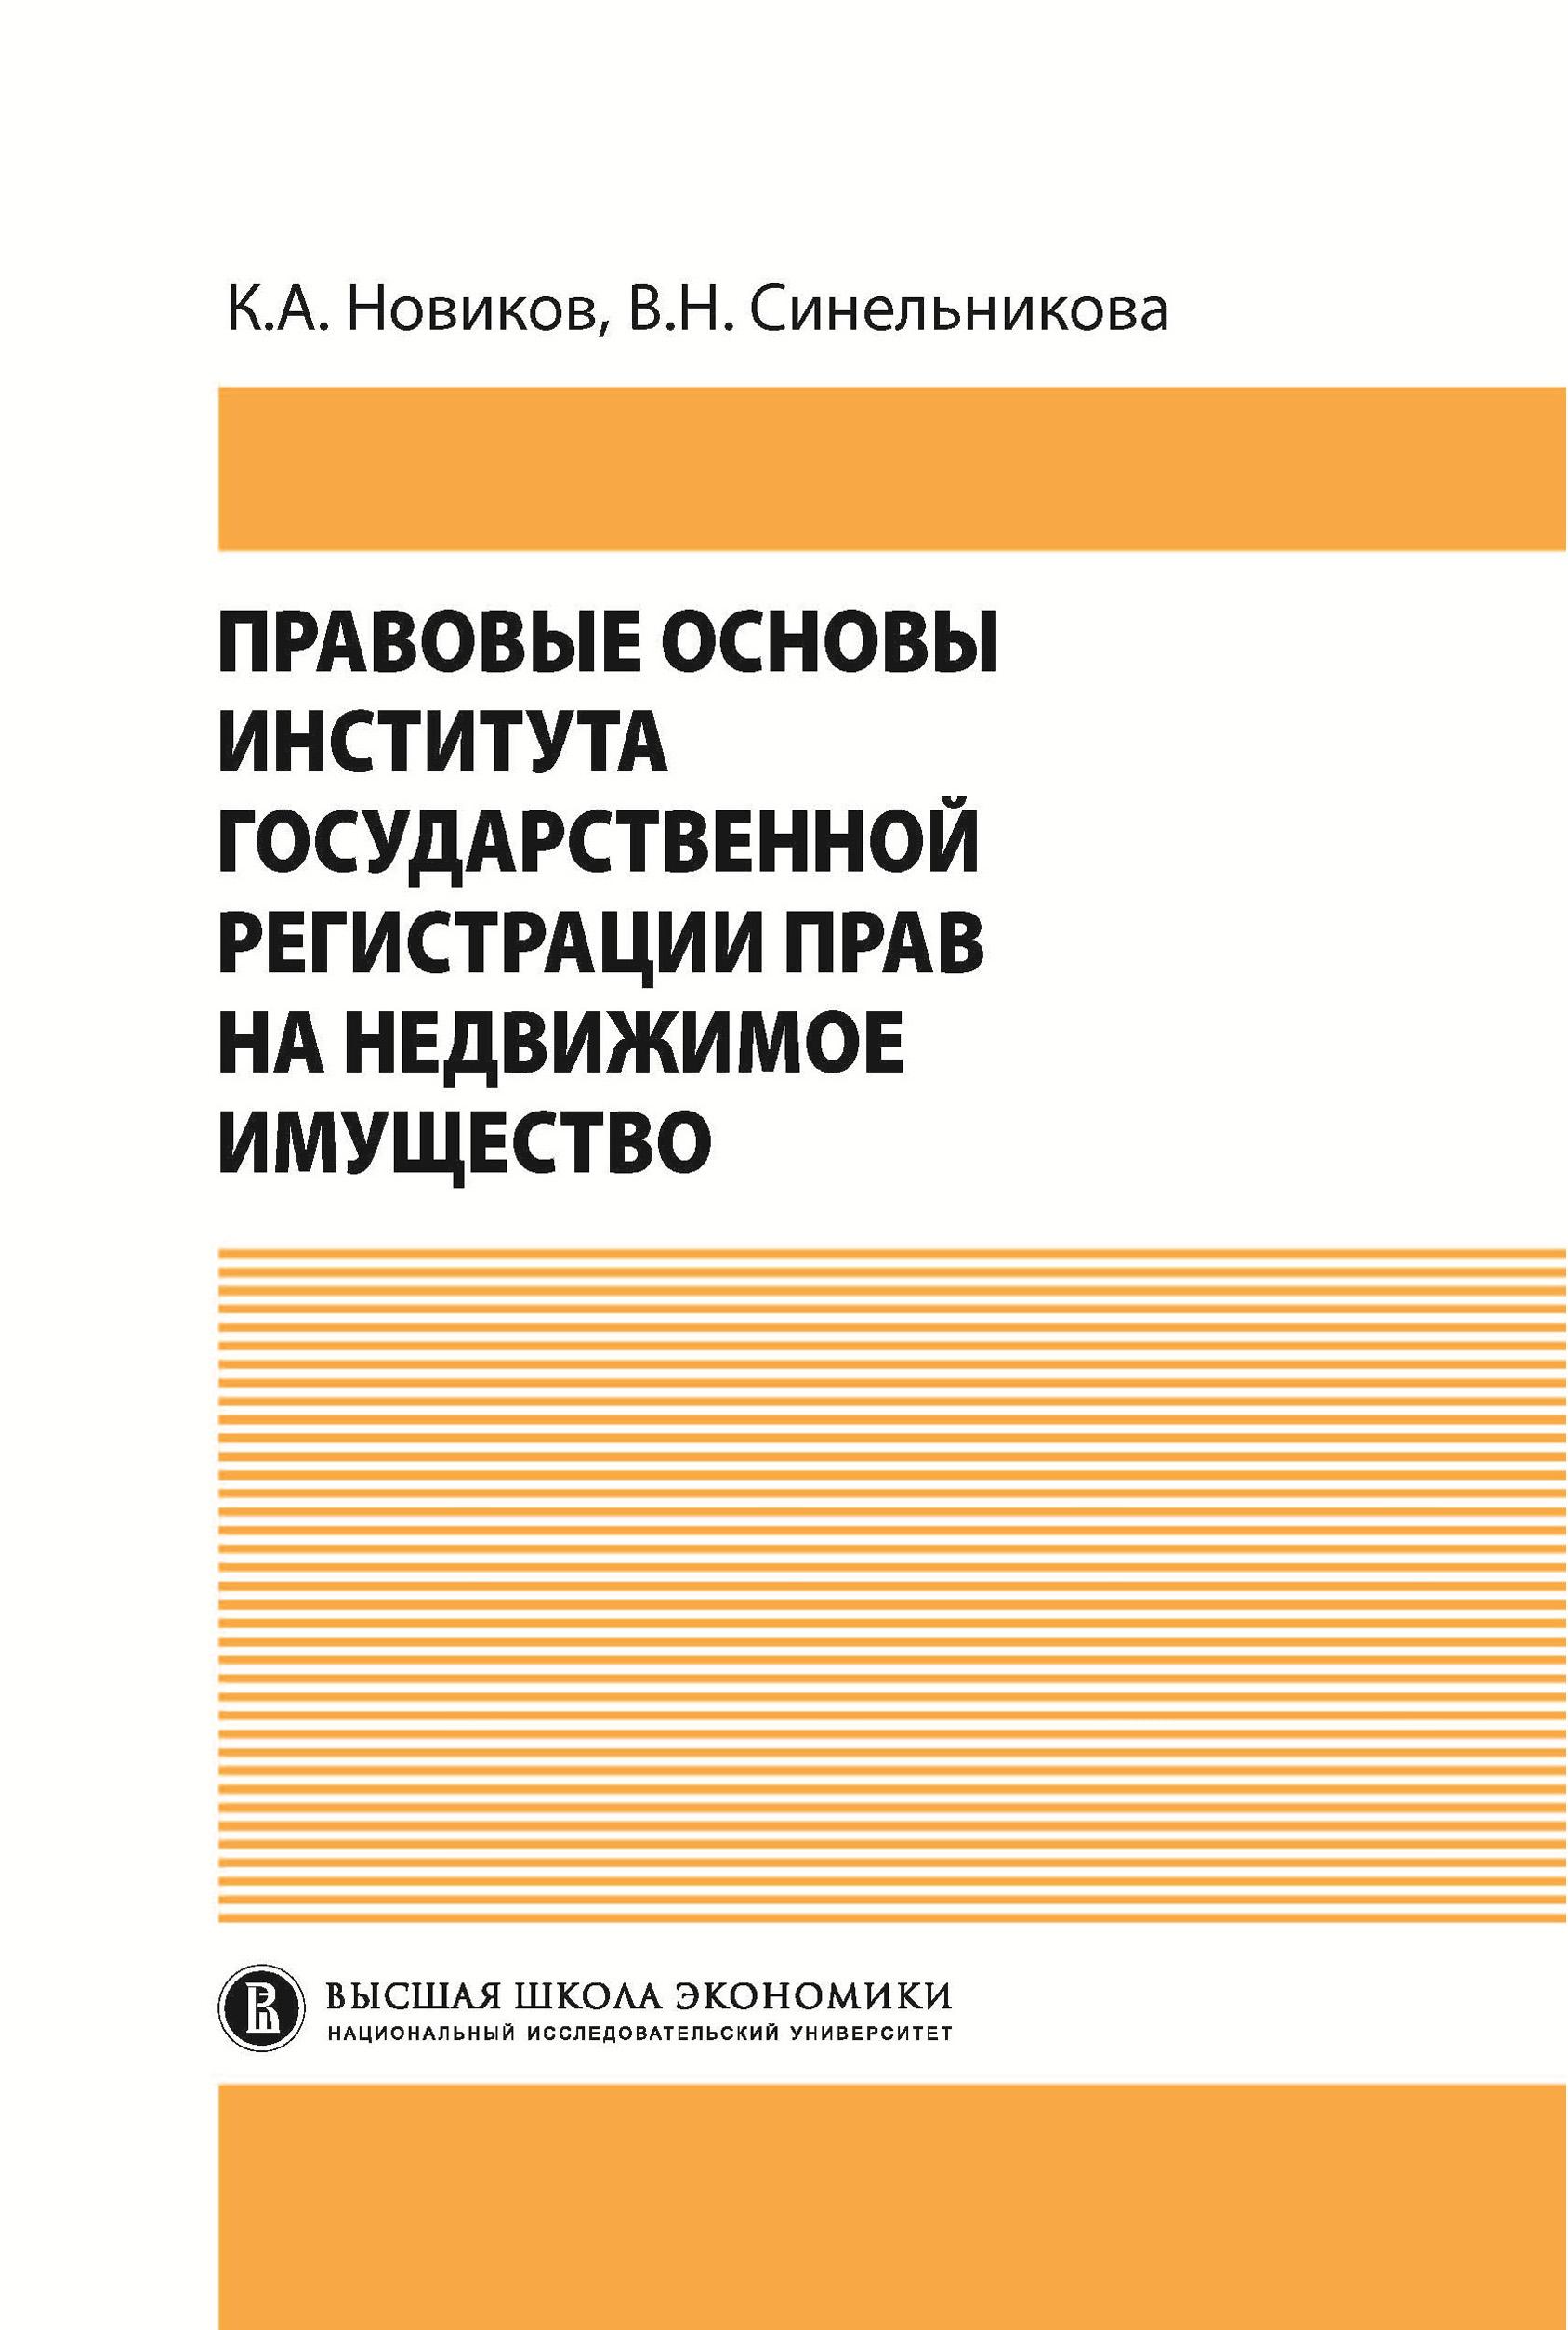 В. Н. Синельникова Правовые основы института государственной регистрации прав на недвижимое имущество